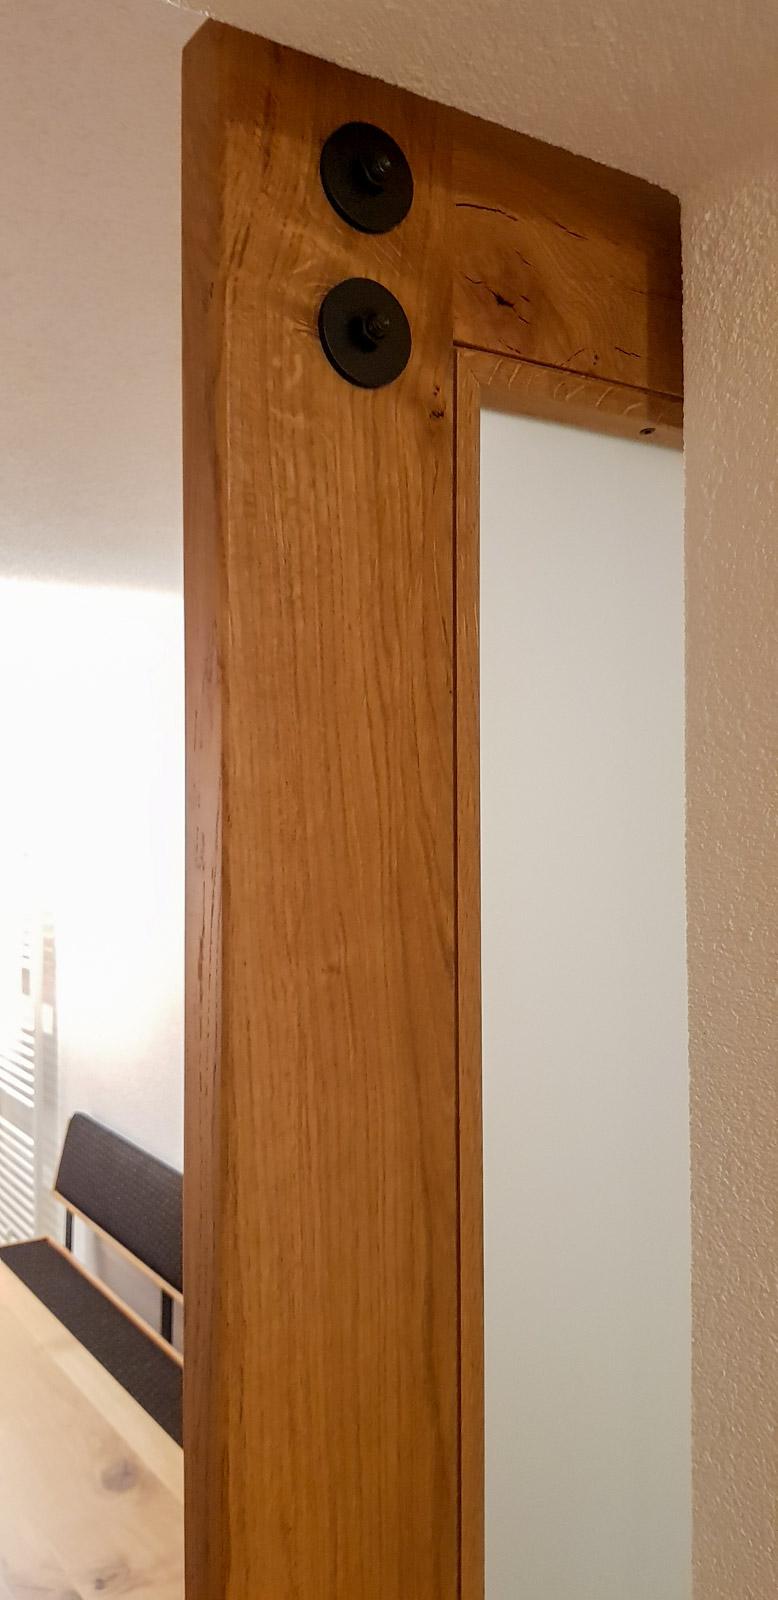 Wooddesign_Raumtrenner_Schiebetüren_.rustikal_Schiebetürbeschlag_schwarz_Schwarzstahl_Muschelgriffe (9)